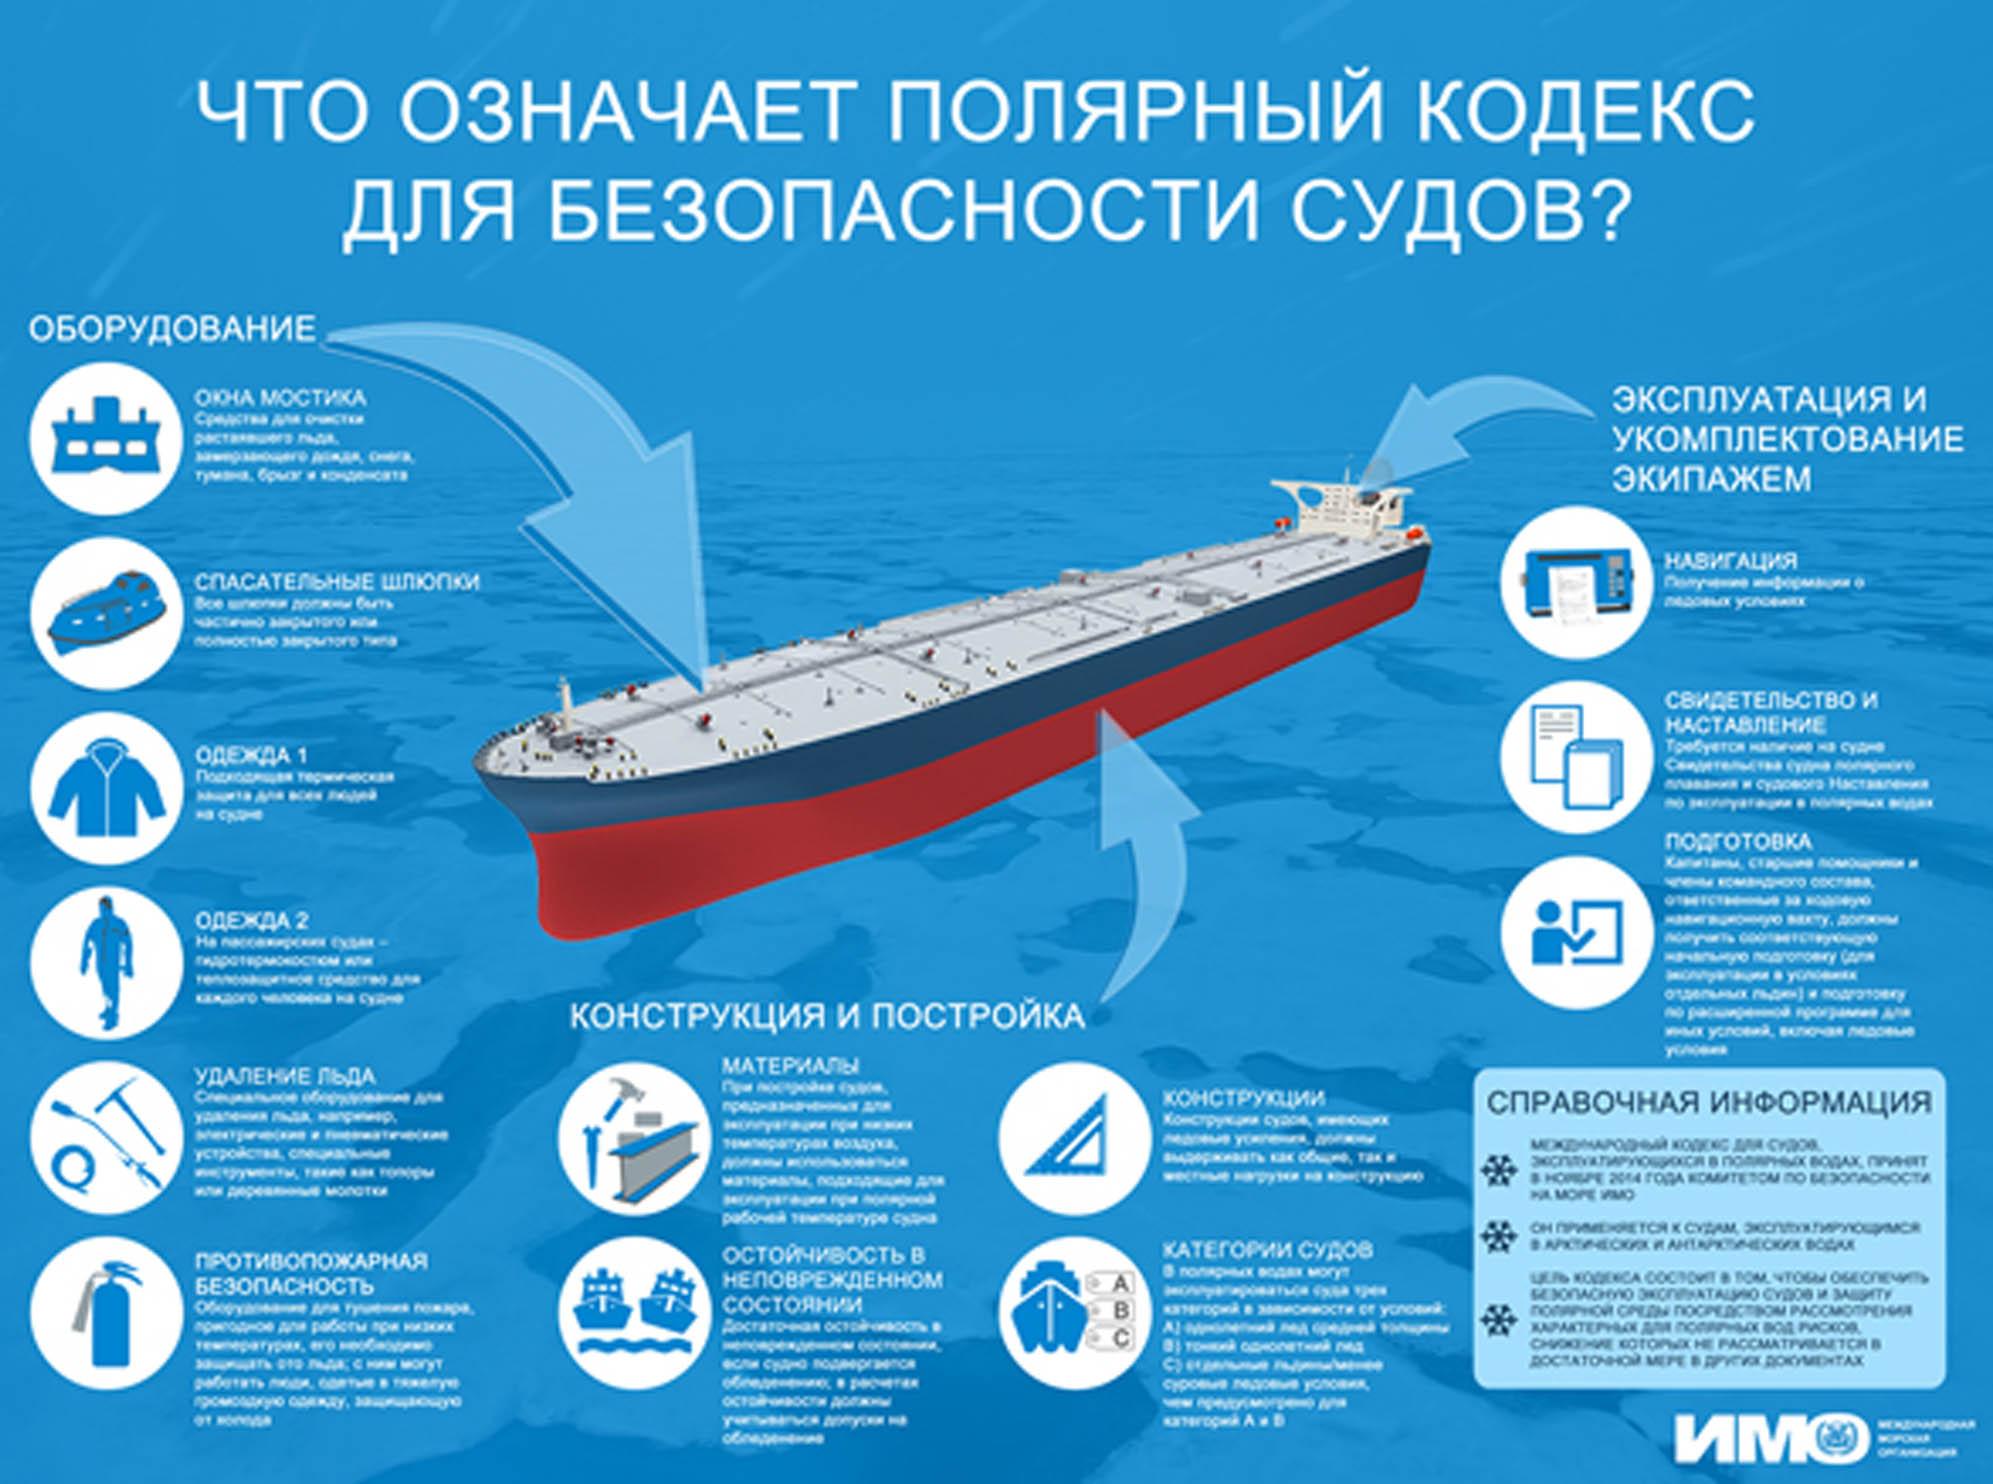 Russian_thumbnail.jpg